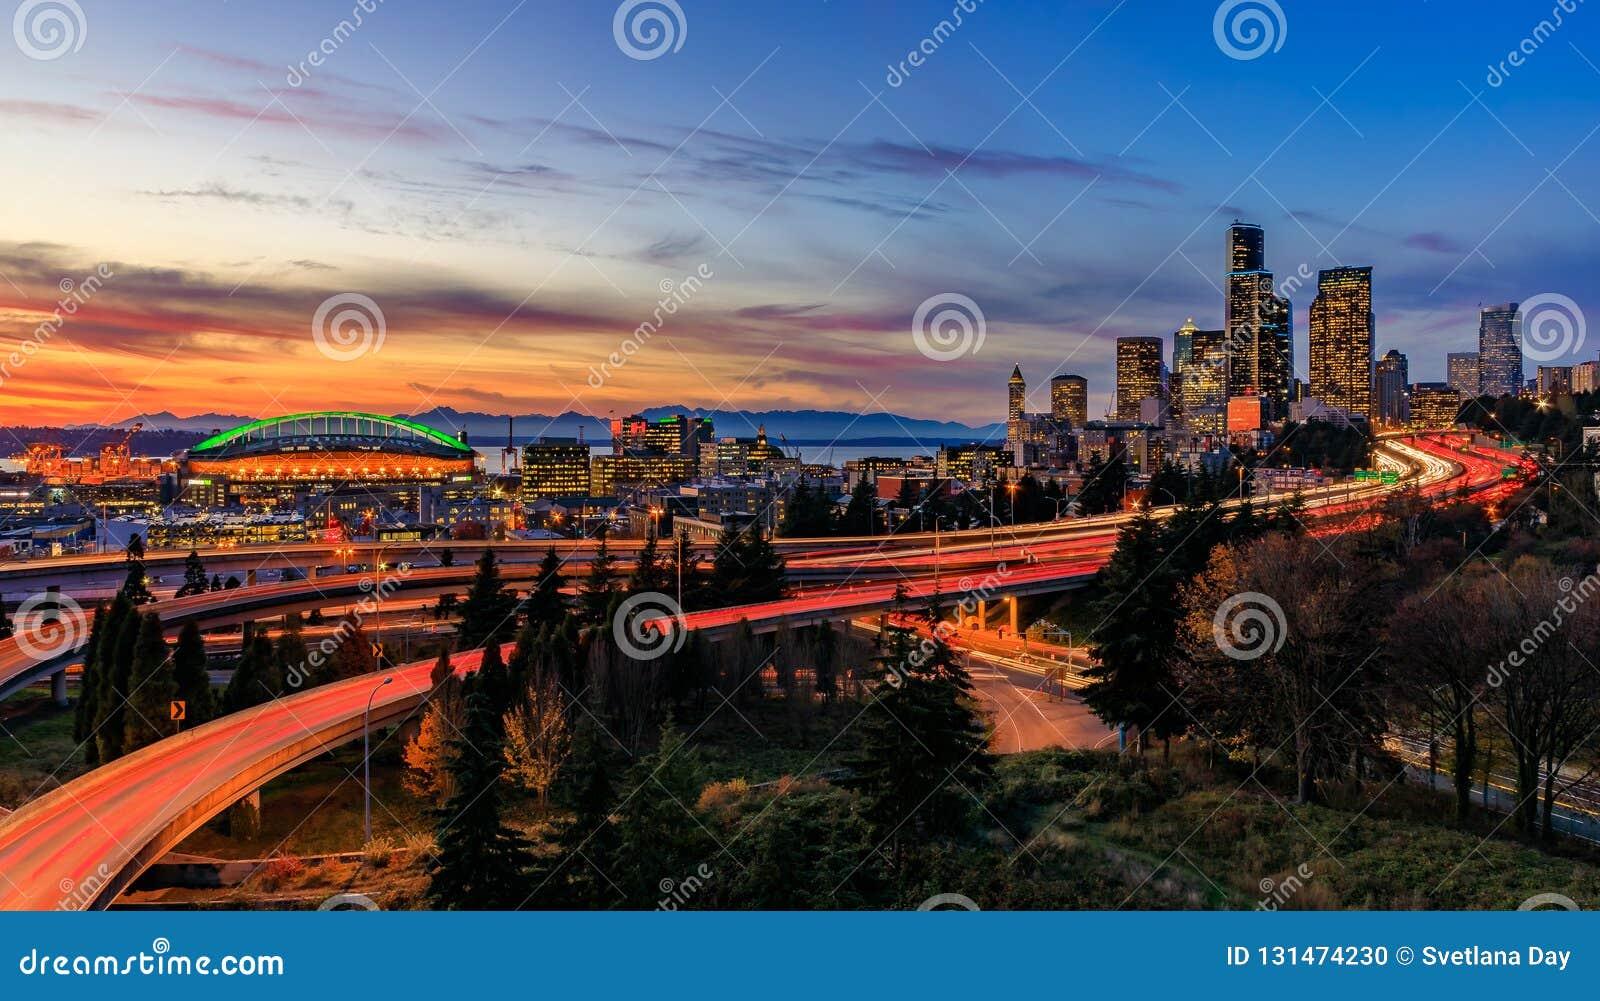 Panorama von im Stadtzentrum gelegenen Skylinen Seattles über dem I-5 I-90 Autobahnaustausch bei Sonnenuntergang mit langen Belic